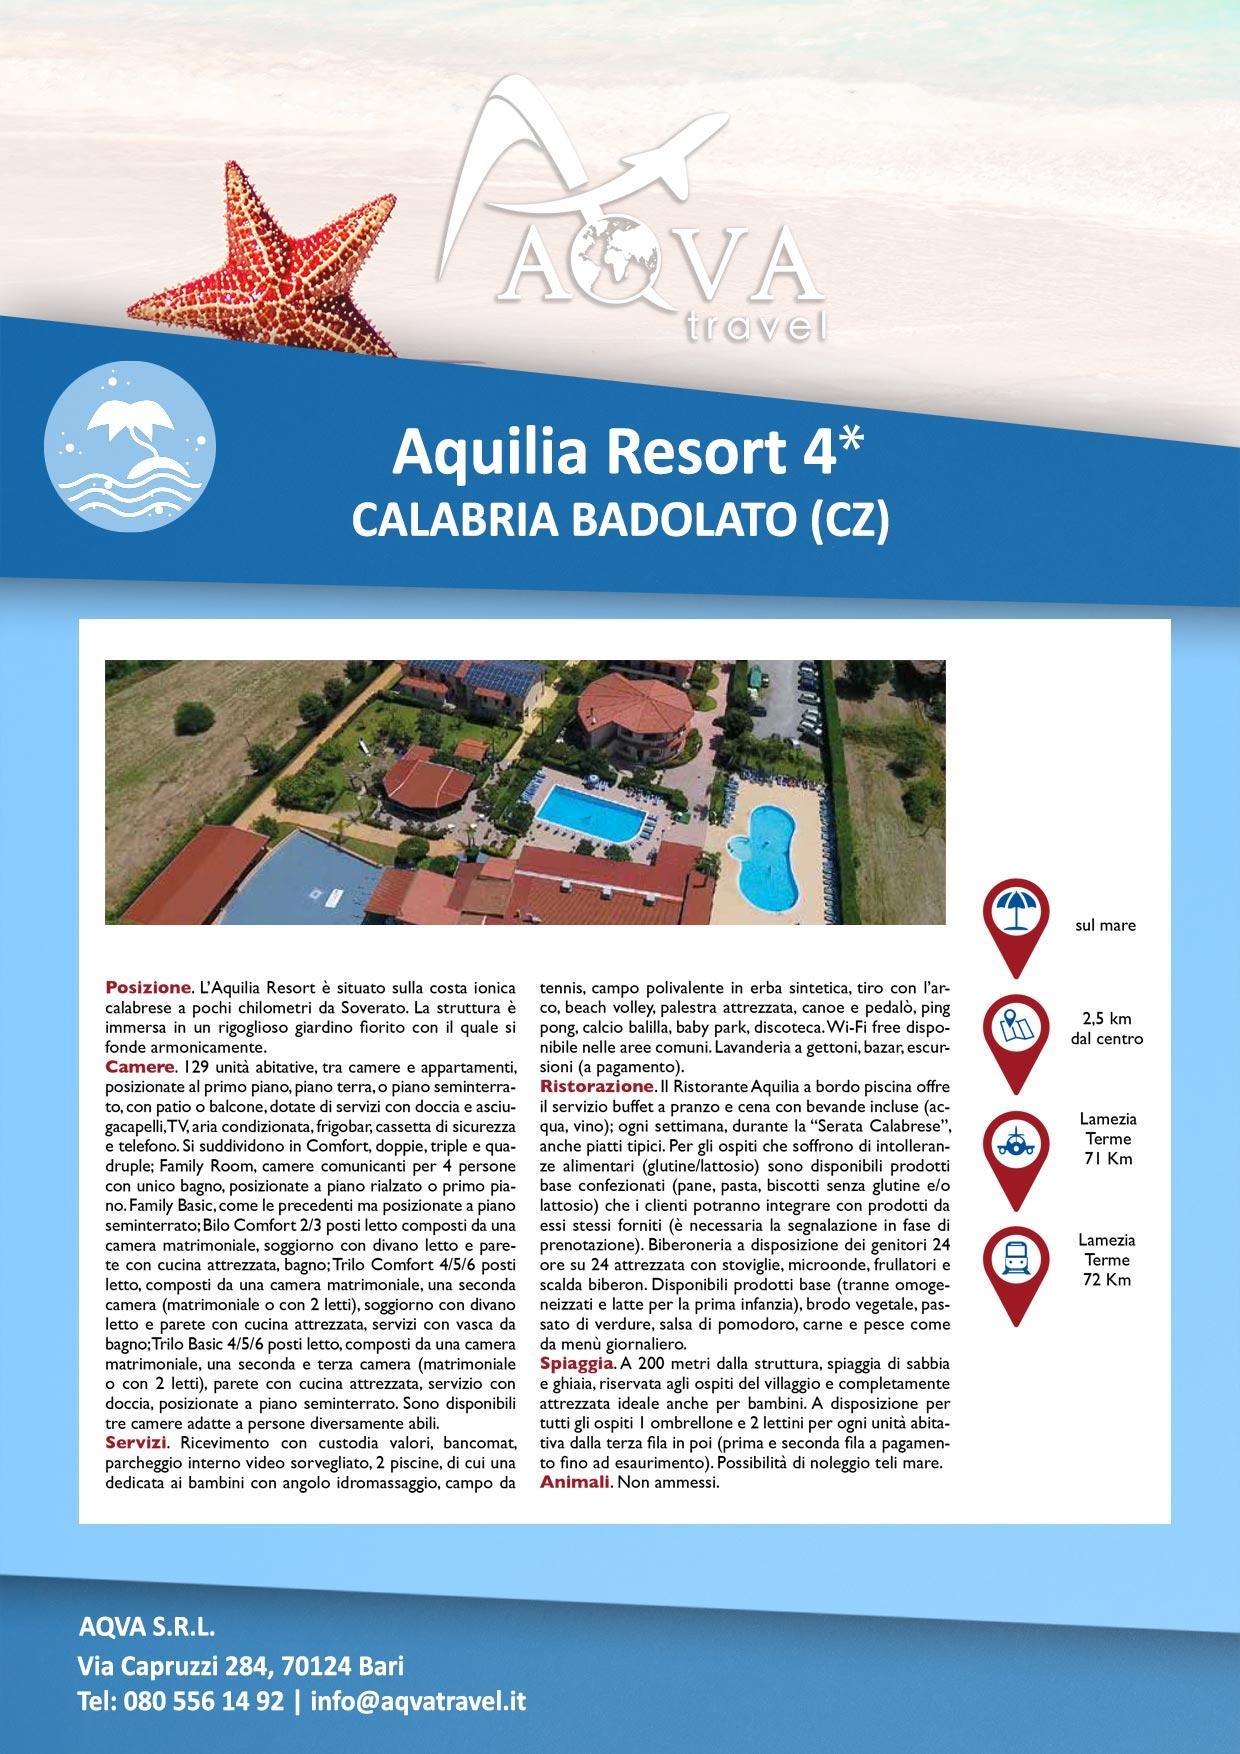 Aquilia-Resort-4-CALABRIA-BADOLATO-(CZ)-Mare-offerte-agenzia-di-viaggi-Bari-AQVATRAVEL-it